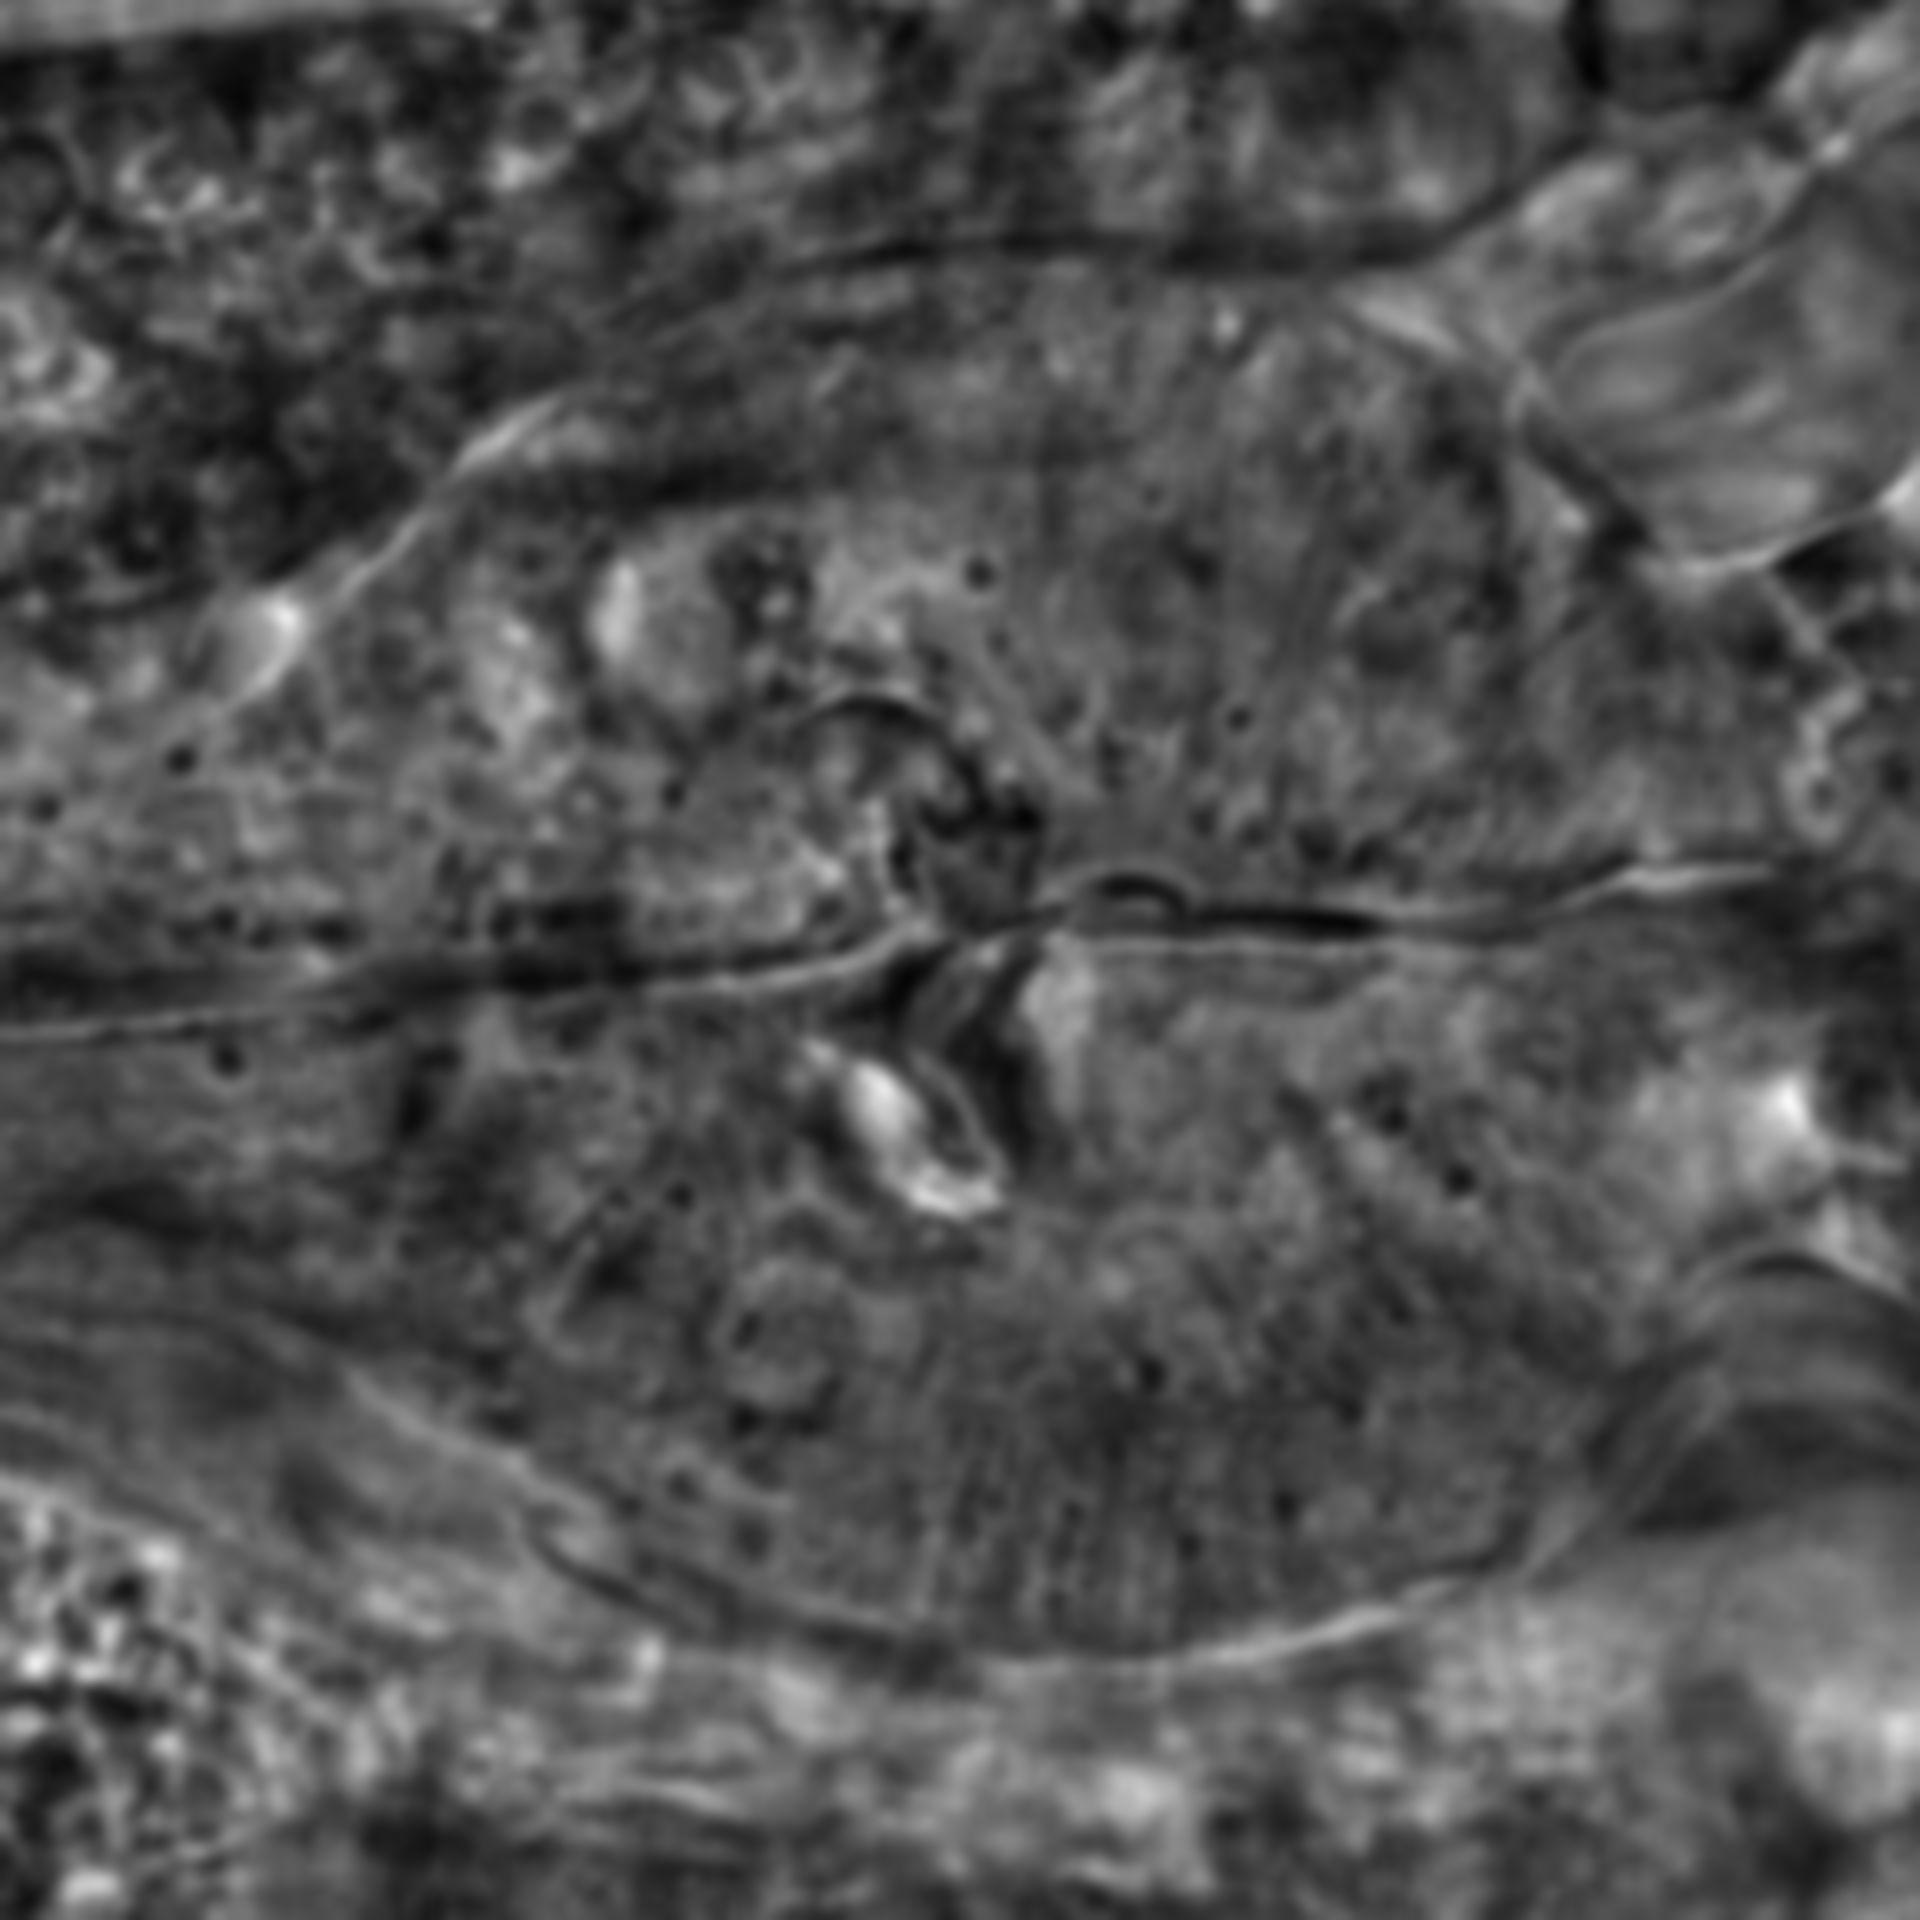 Caenorhabditis elegans - CIL:2011